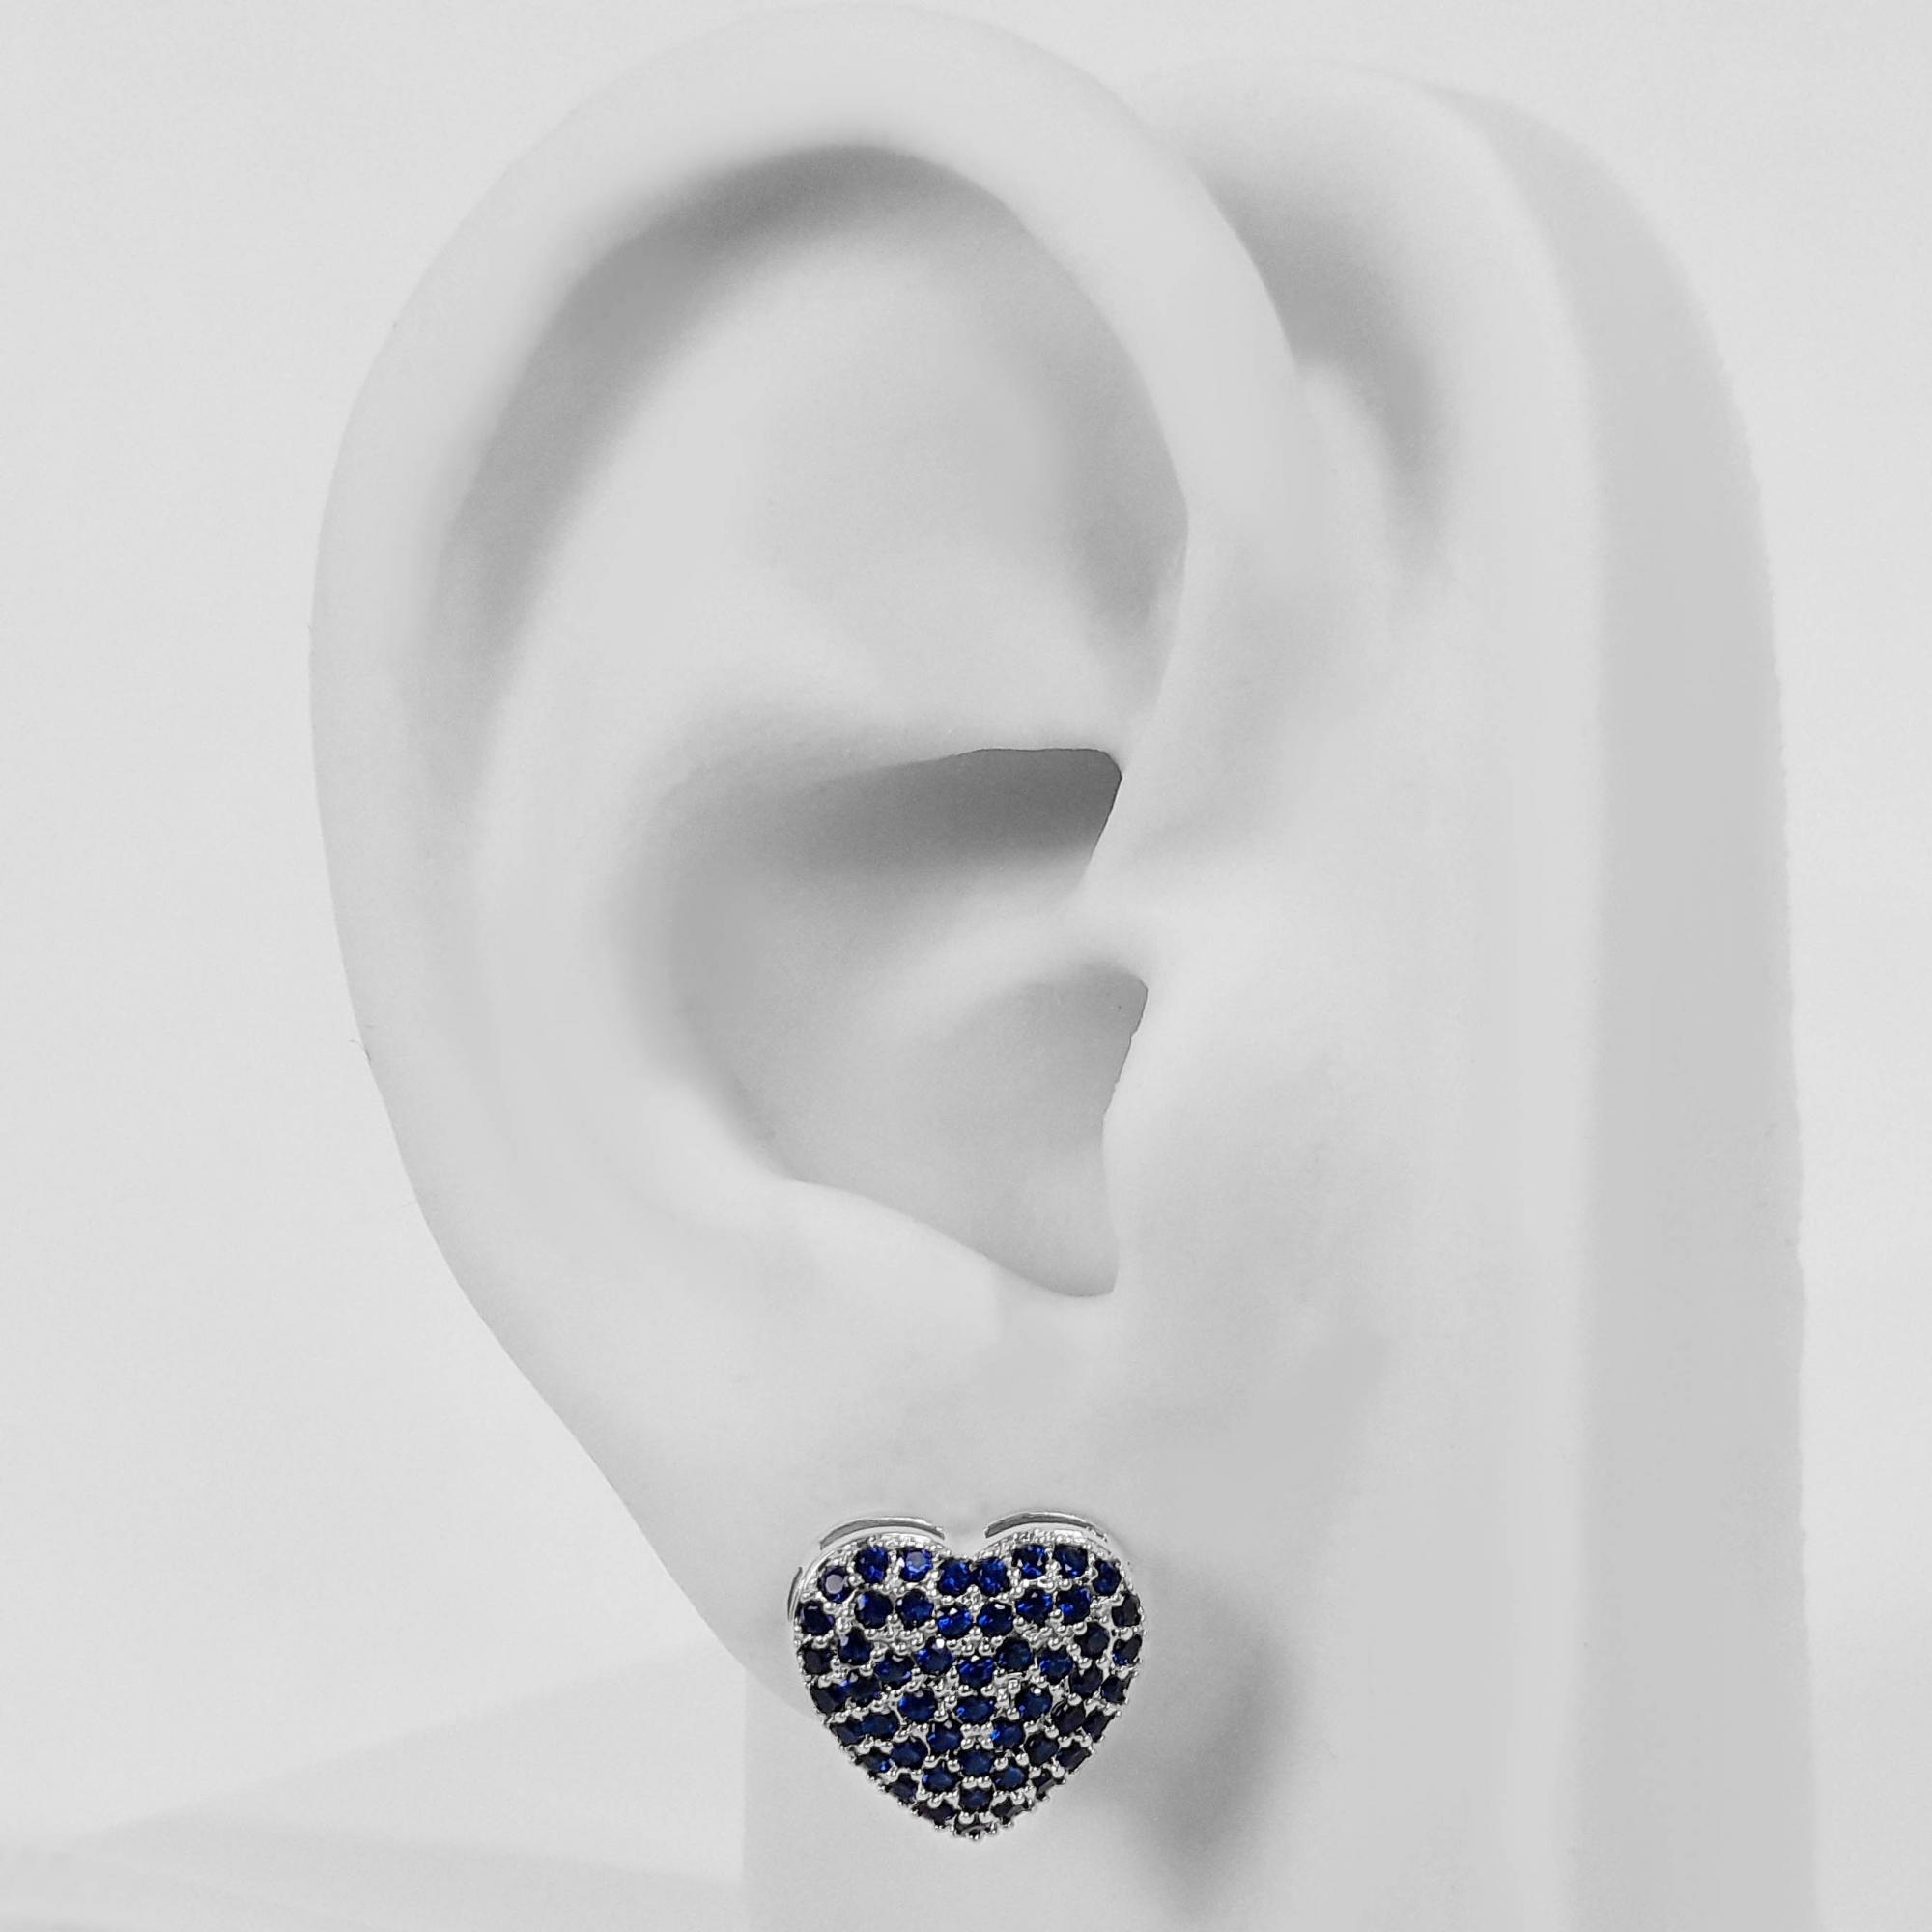 Brinco Pequeno Coração Azul Cravejado Folheado a Prata 1000  - Lunozê Joias